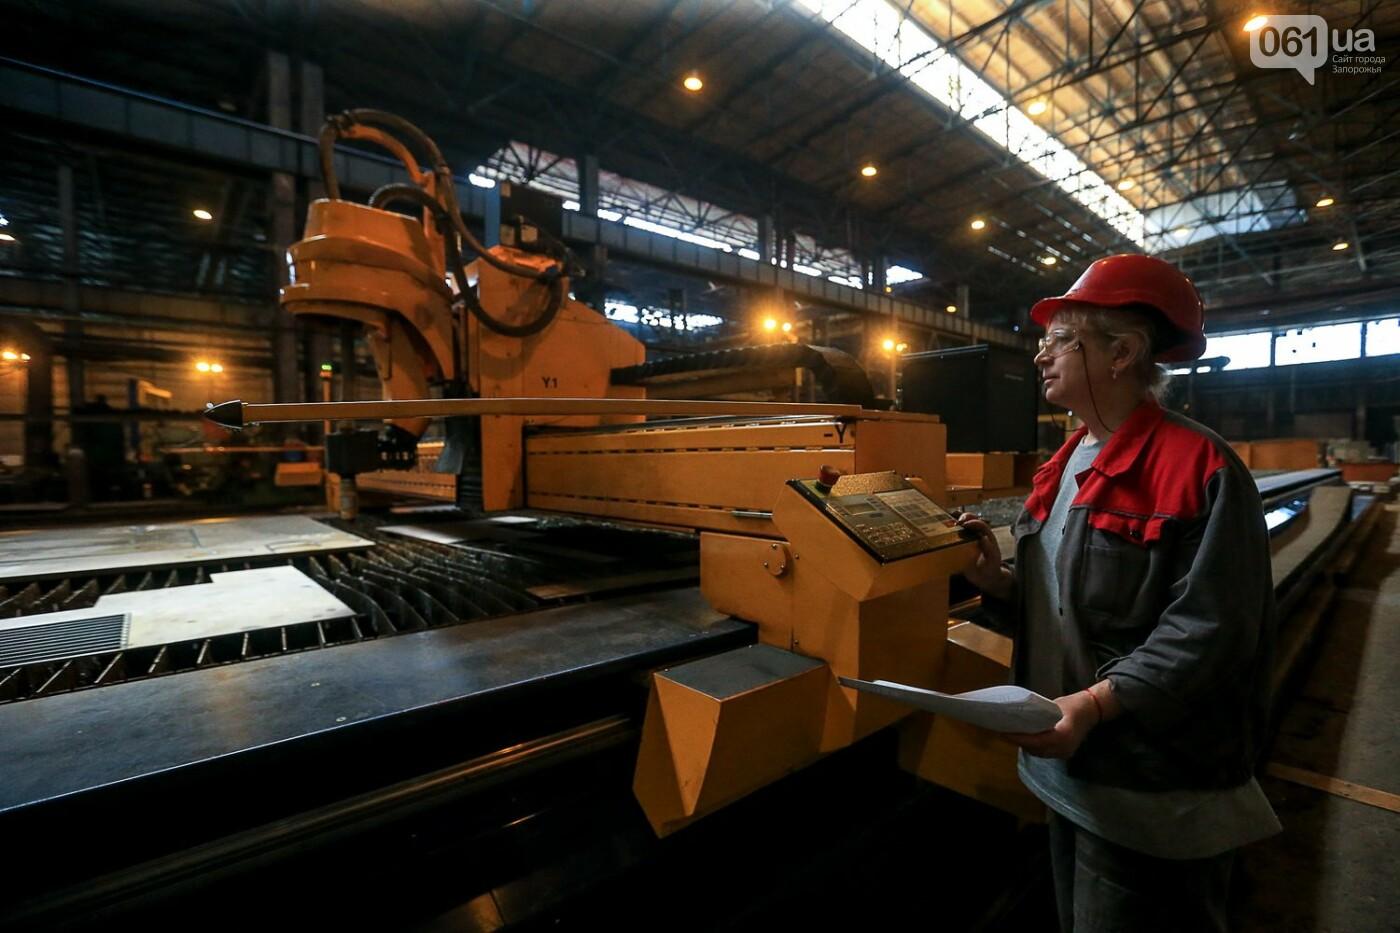 Как в Запорожье работает крупнейший в Европе завод по производству кранов: экскурсия на производство, — ФОТОРЕПОРТАЖ, фото-12